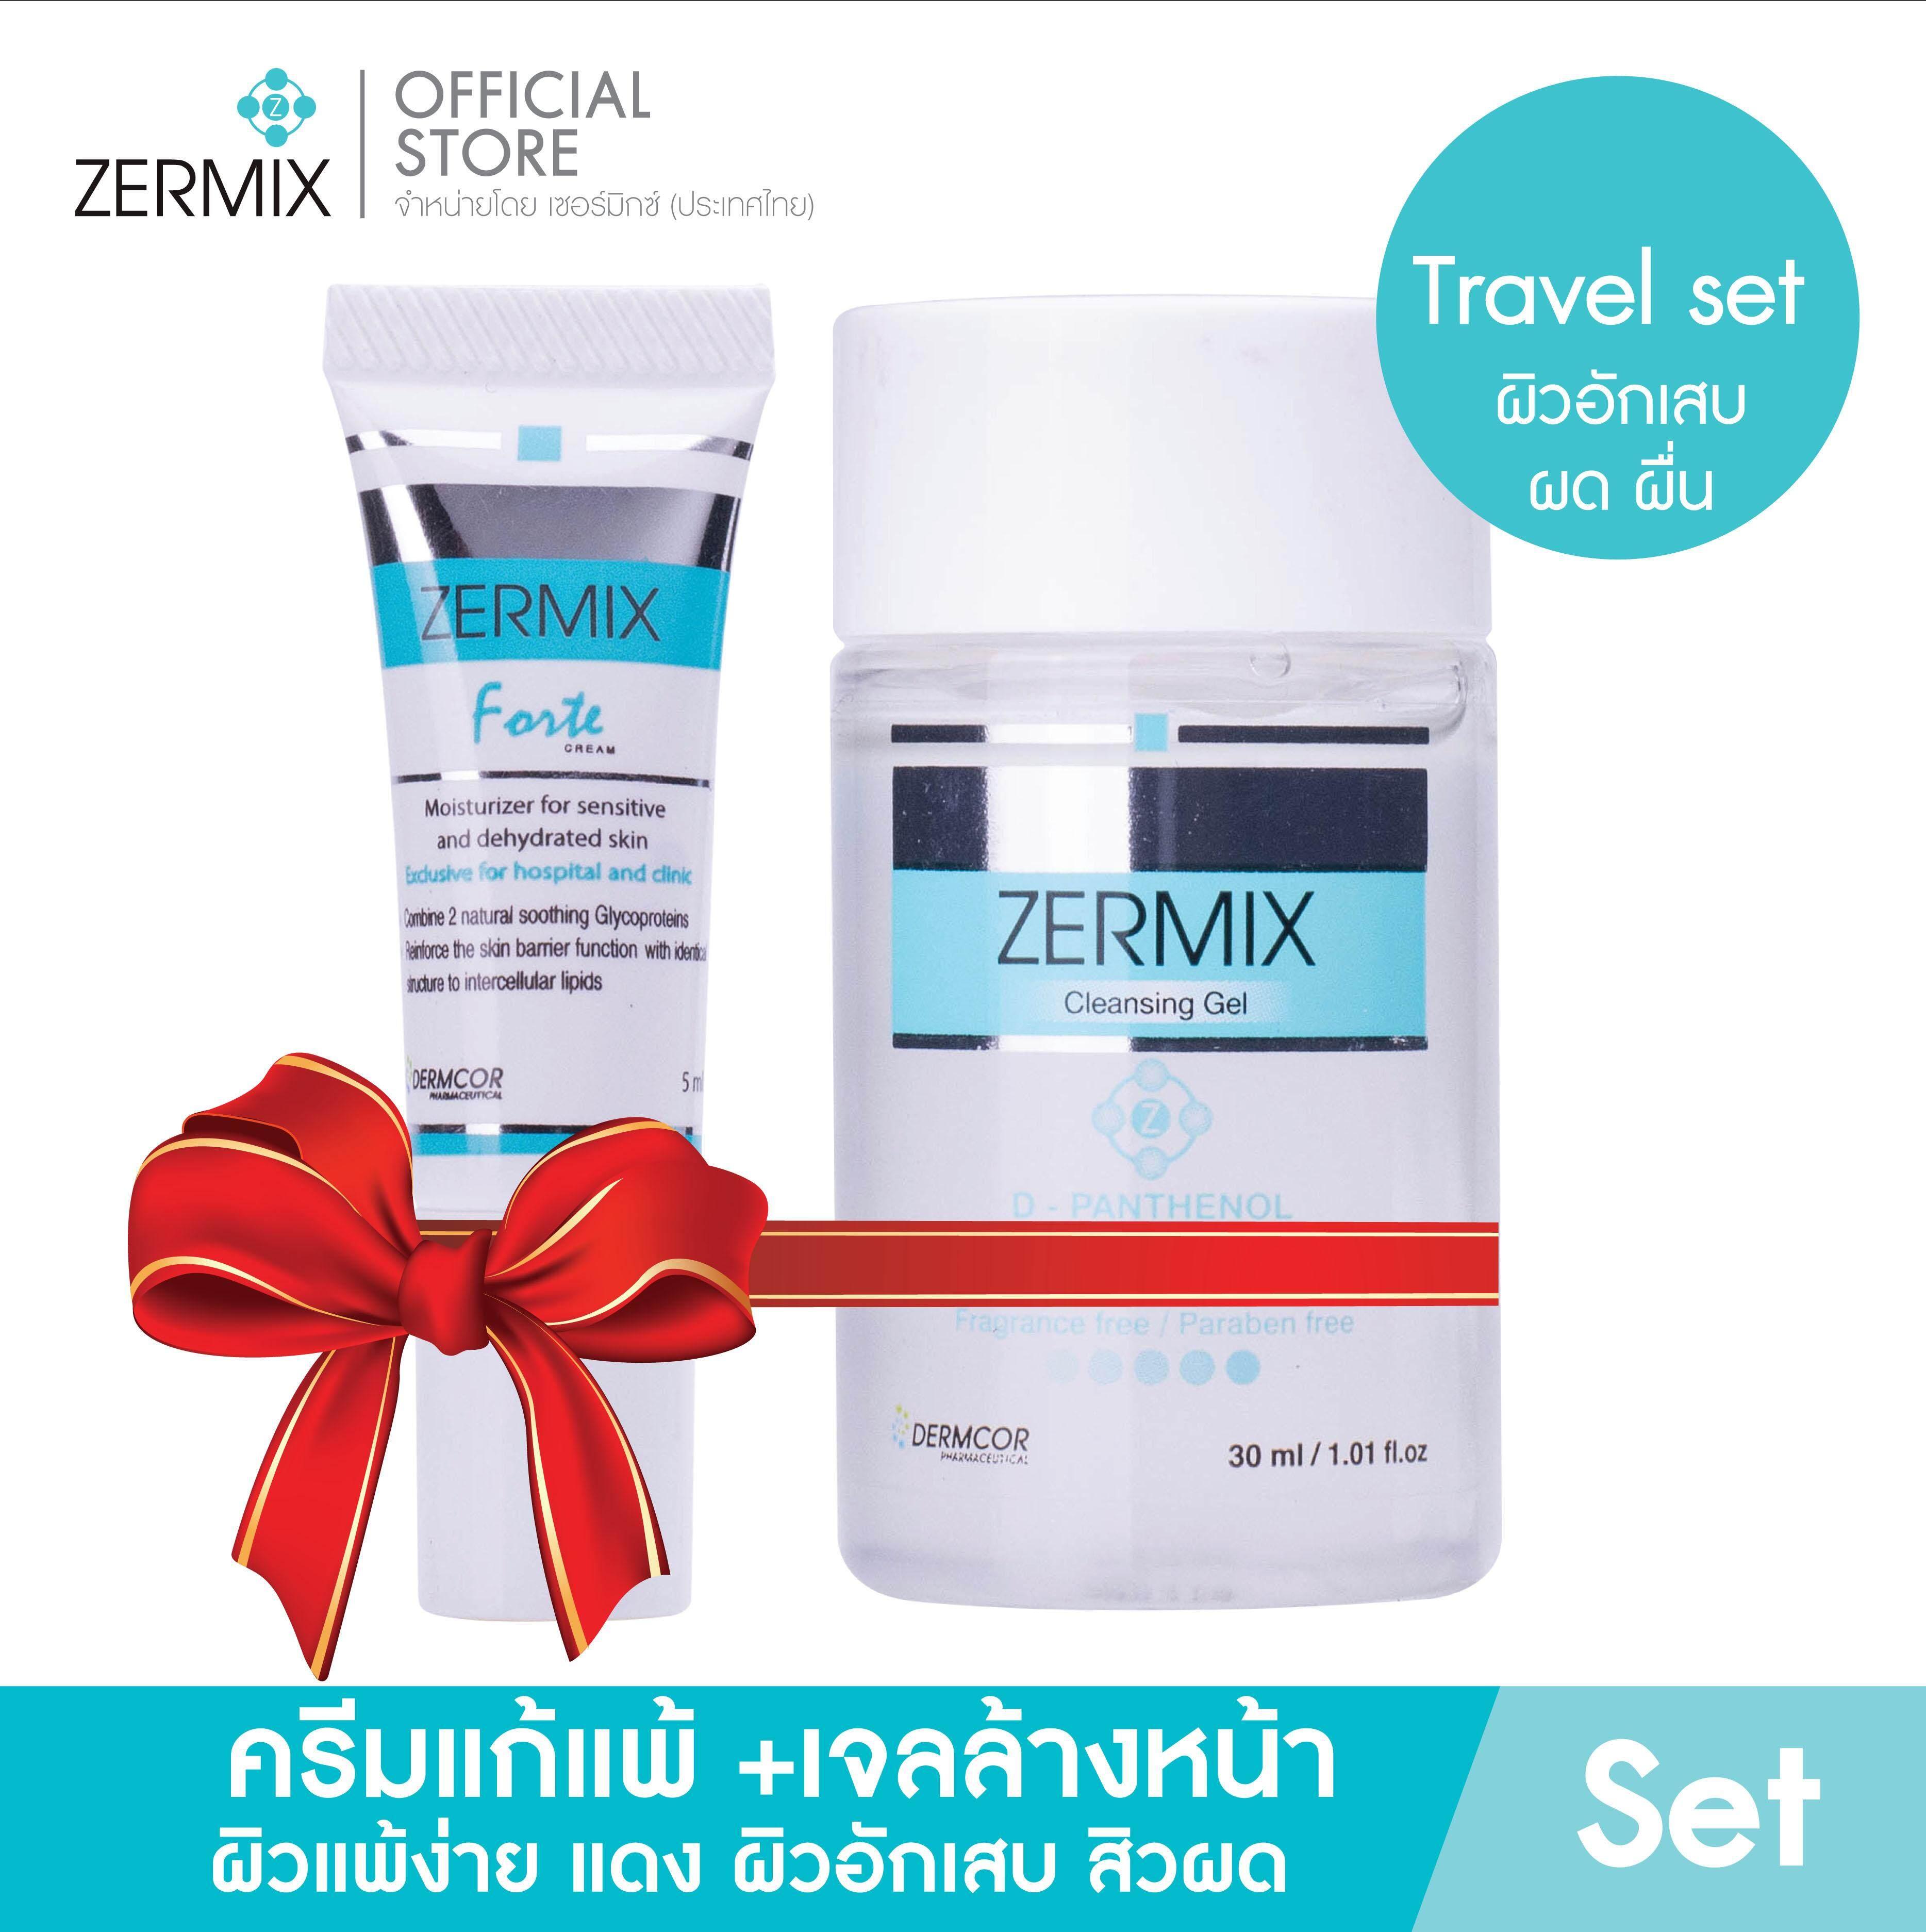 [ชุดพกพา] ครีมบำรุงผิวหน้า Zermix Forte Cream 5 Ml + Zermix Cleansing Gel 30 Ml ครีมบำรุงผิวหน้า แพ้ง่าย ครีมบํารุงผิวหน้า กลางคืน  เจลล้างหน้า ไม่มีฟอง ครีมบํารุงผิวหน้ายี่ห้อไหนดี ครีมบํารุงผิวหน้า 7-11 ครีมบํารุงผิวหน้า Pantip ครีมบํารุงผิวหน้าเกาหลี.